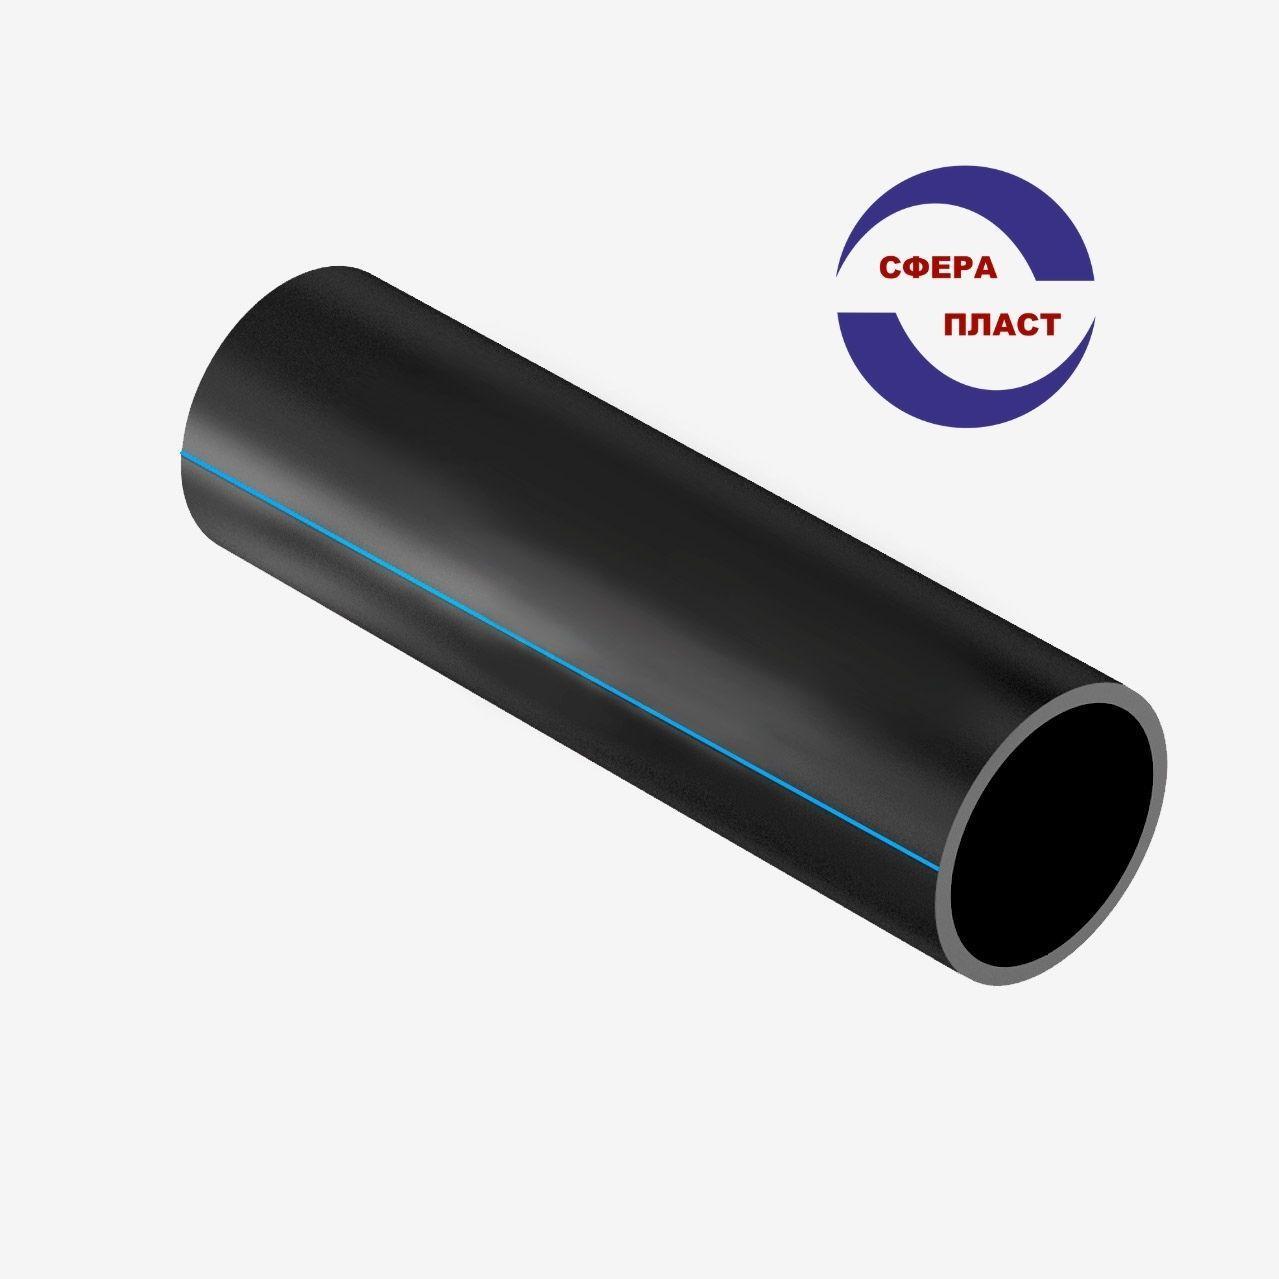 Труба полиэтиленовая ПЭ-100 Ду-40x2,4 SDR17 (10 атм)